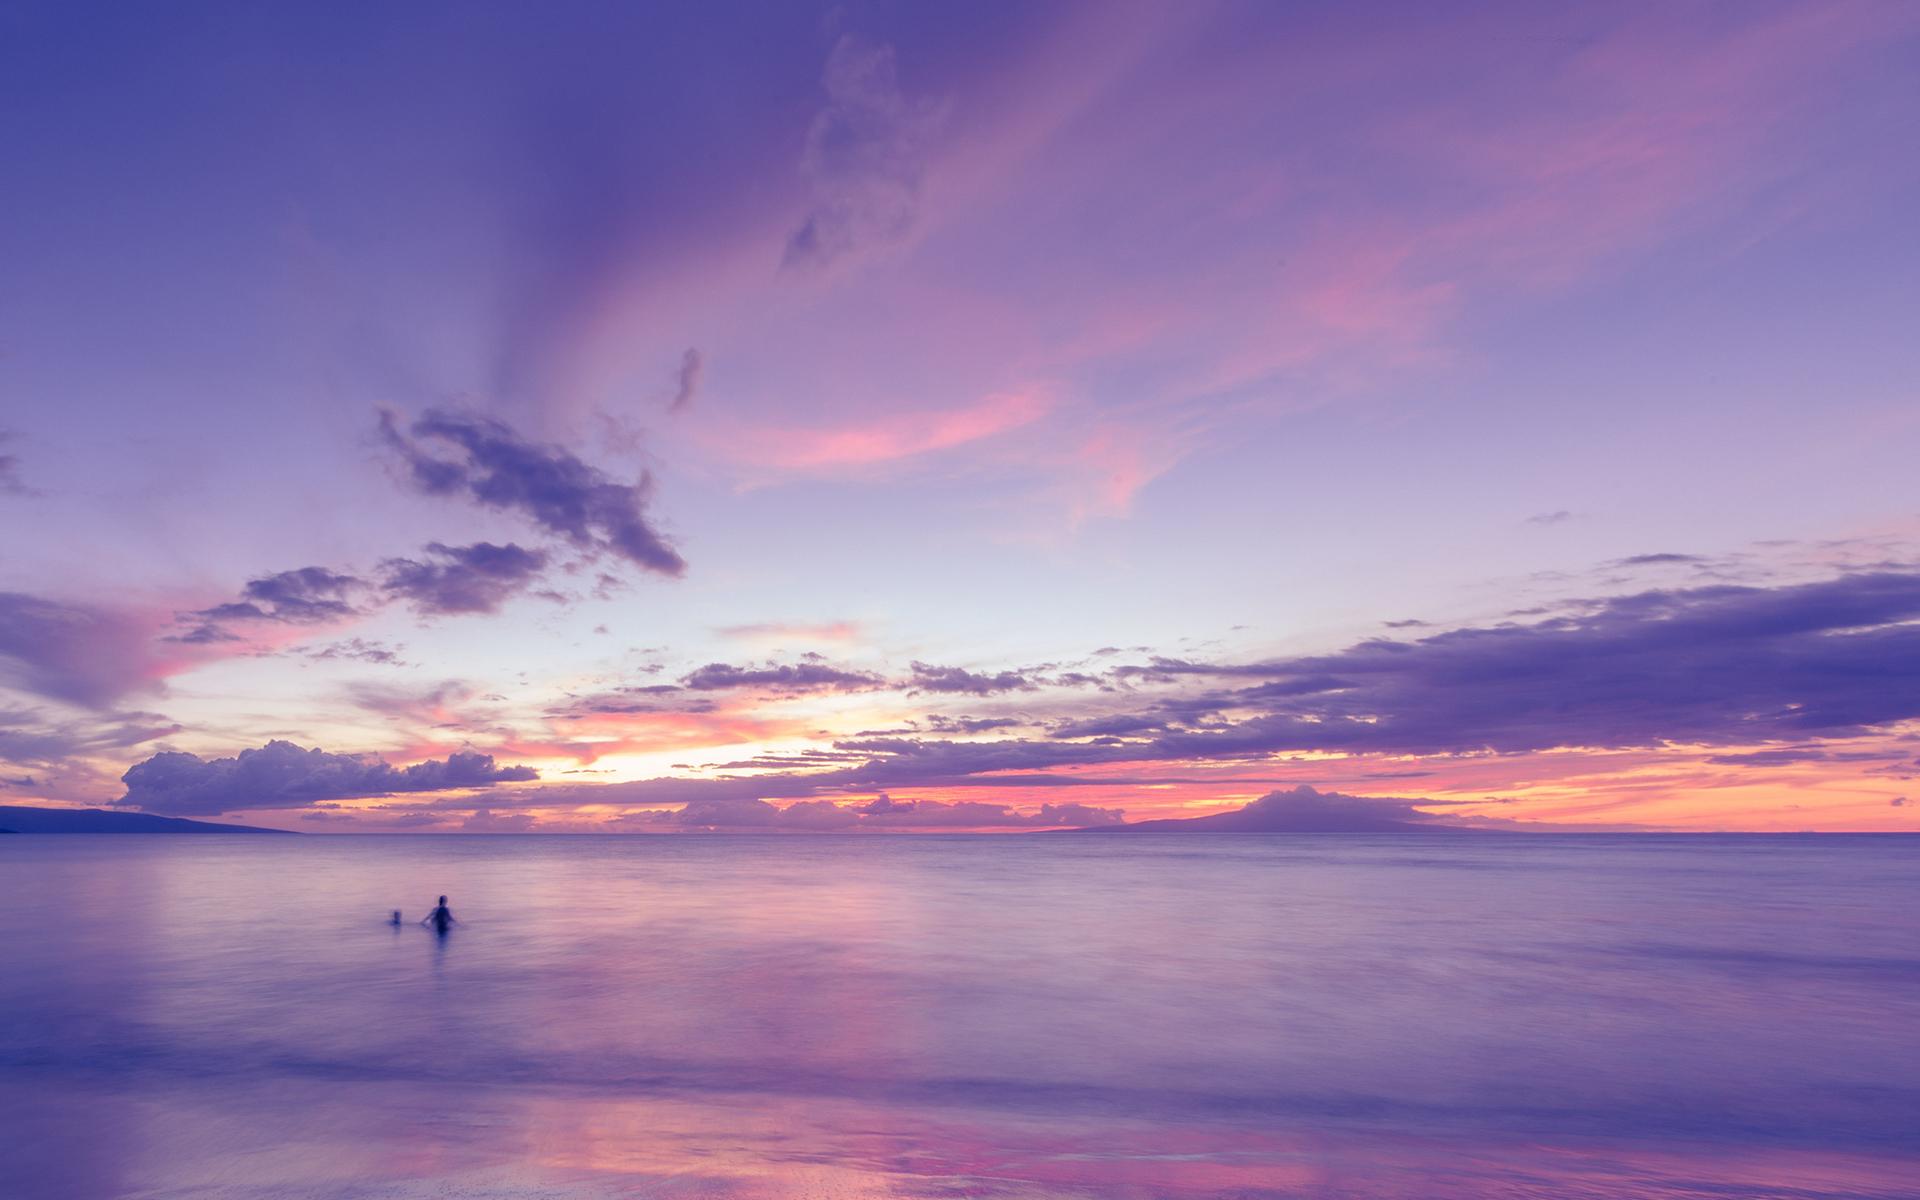 Ocean Clouds Sunset Purple Beach Wallpaper Light Purple Sunset Background 1120x700 Download Hd Wallpaper Wallpapertip